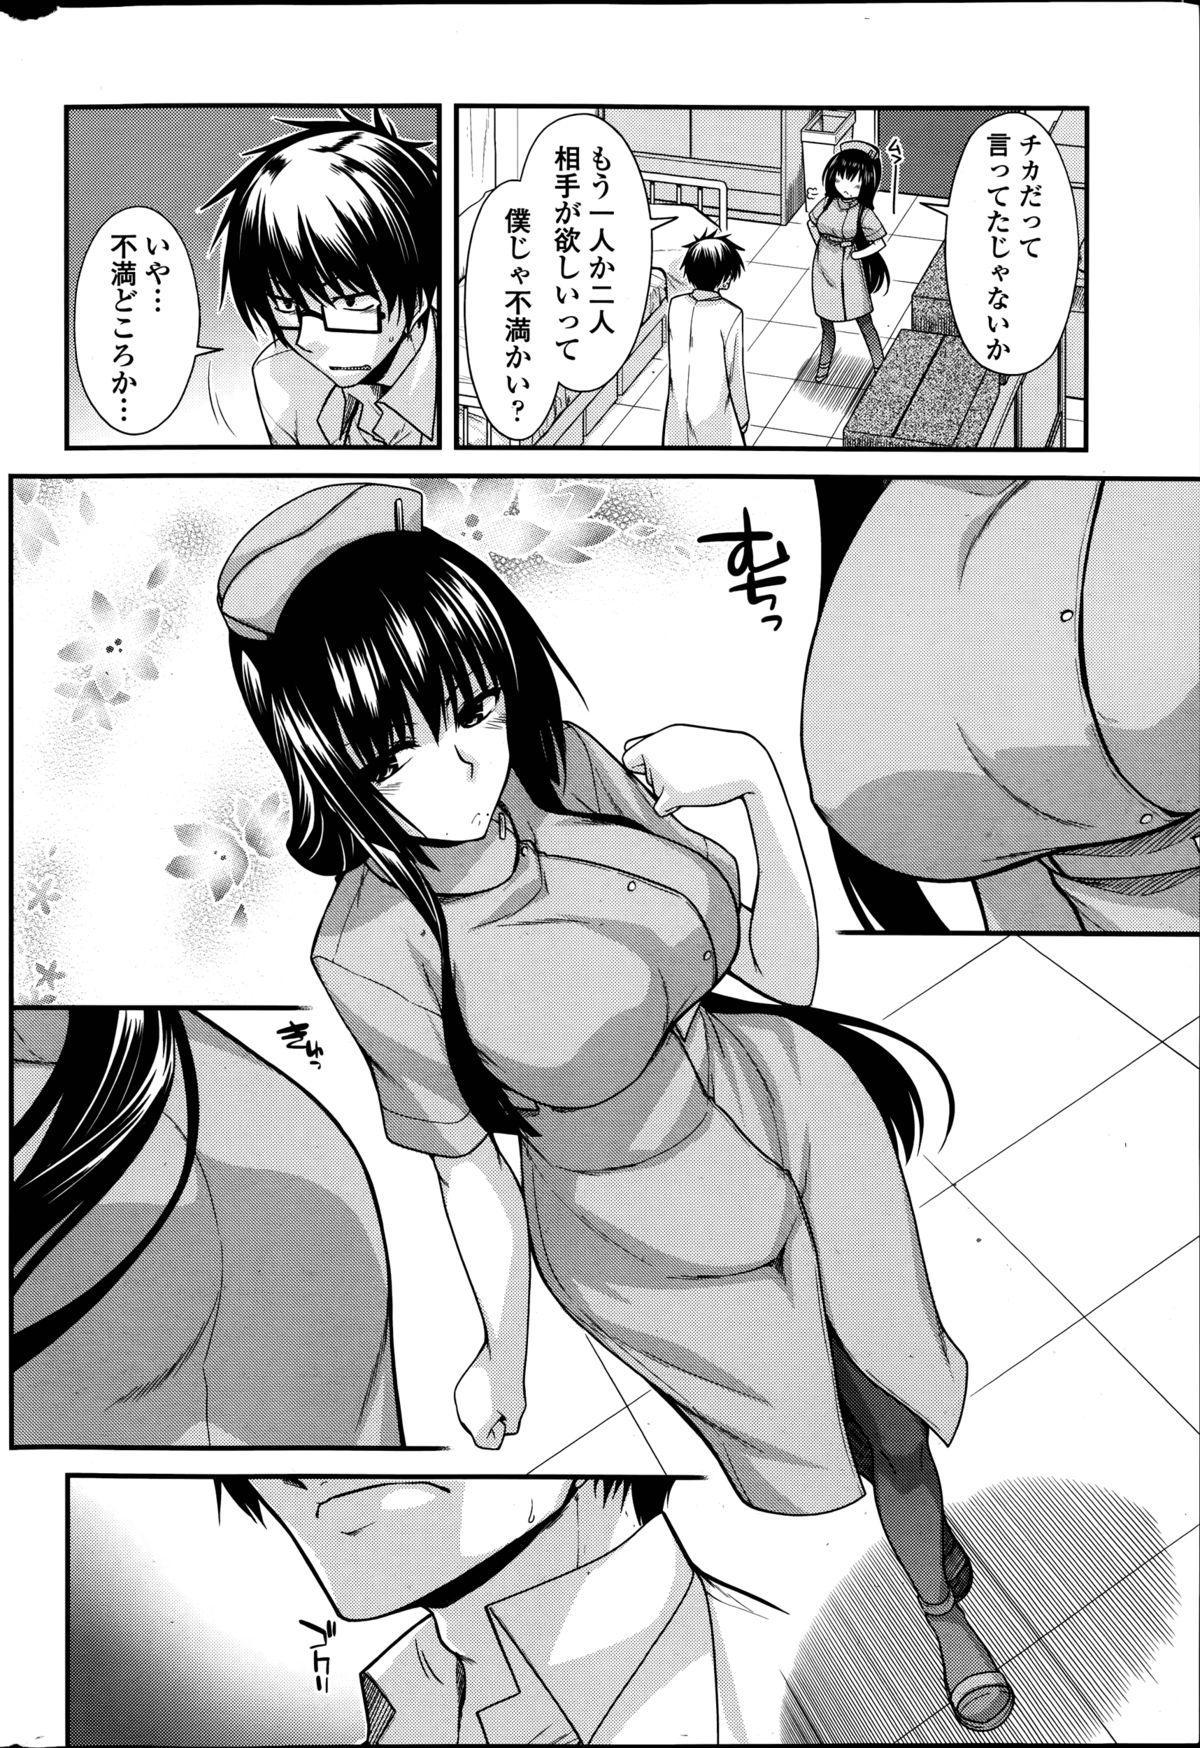 Yumemirukusuri Ch. 1-4 45